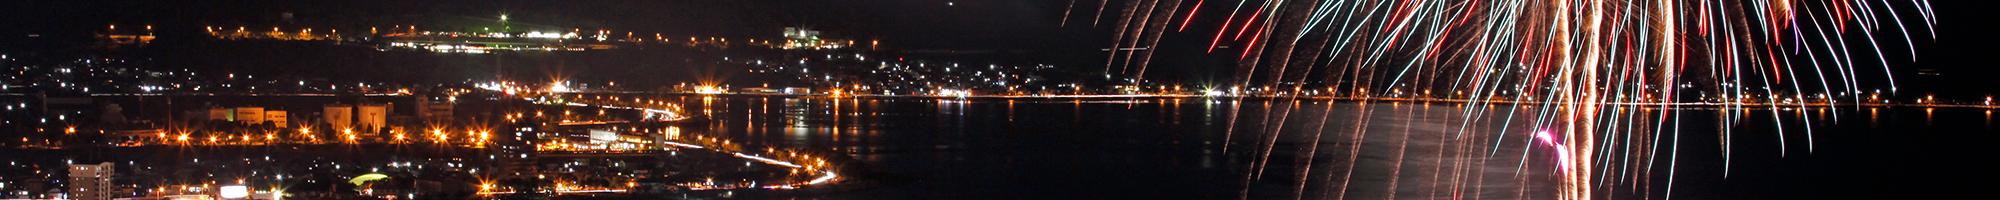 諏訪湖と花火